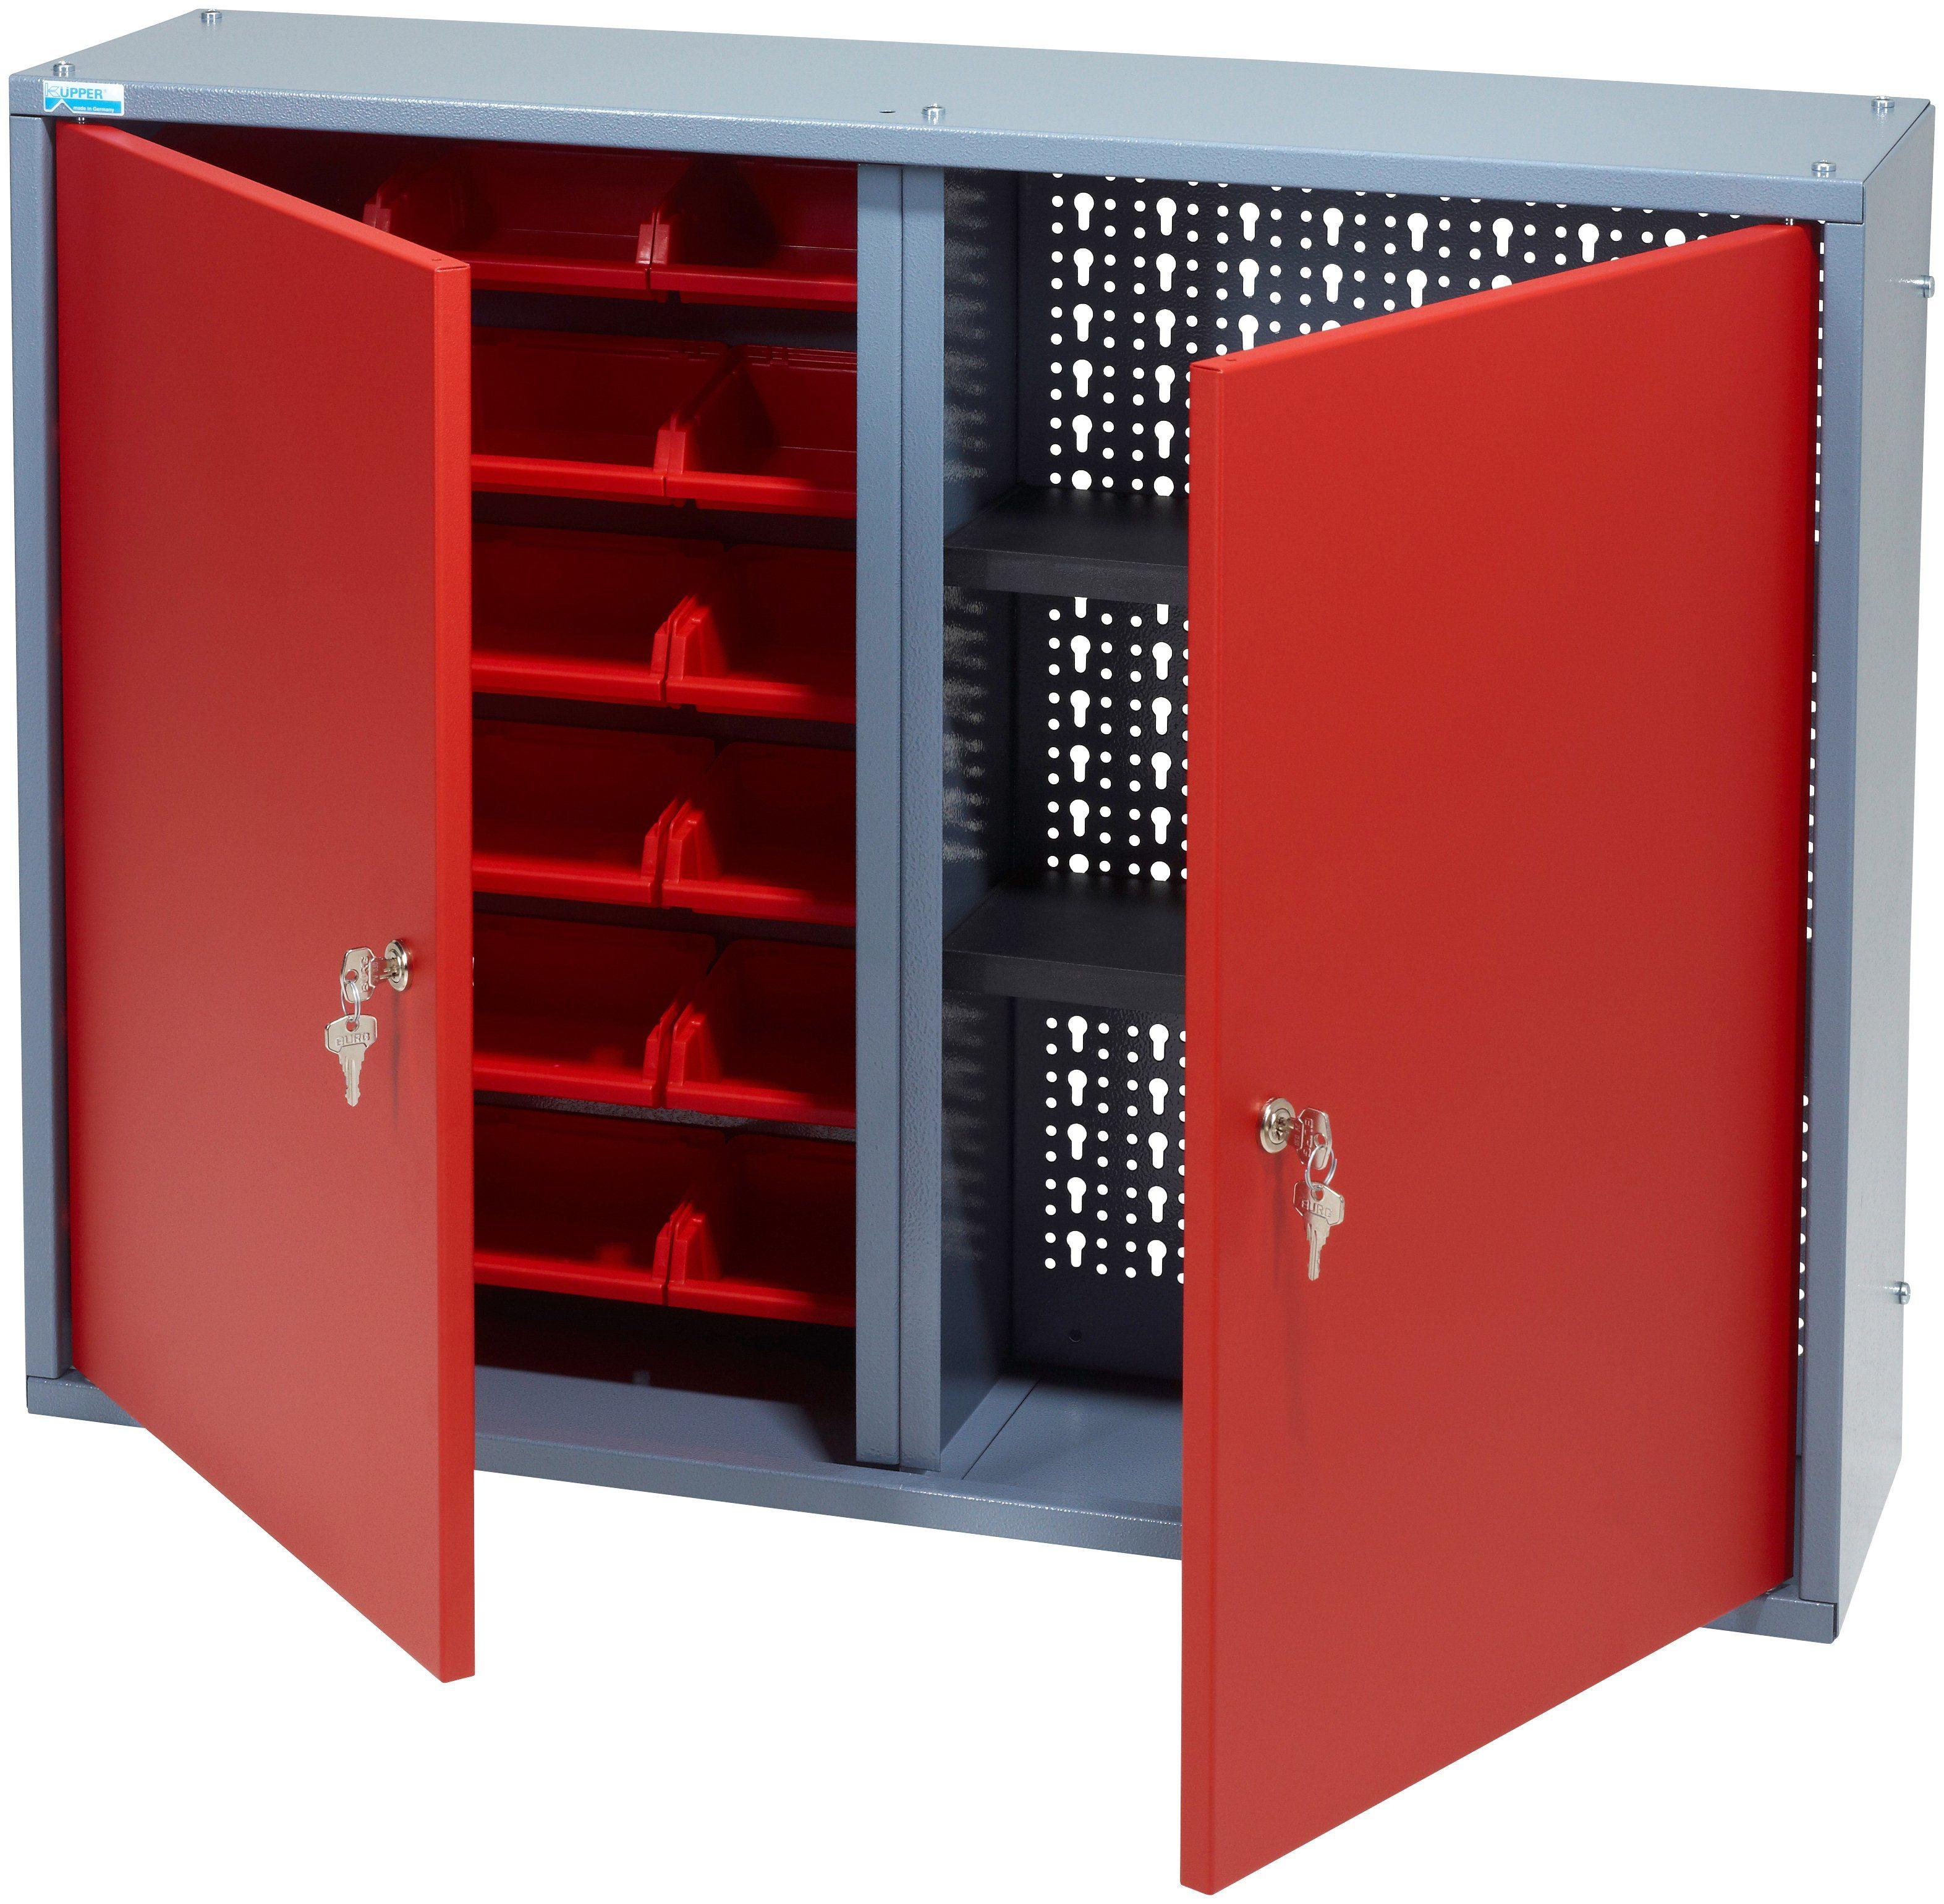 KÜPPER Hängeschrank »2 Türen, 2 Einlegeböden, 18 Sichtboxen, in rot«